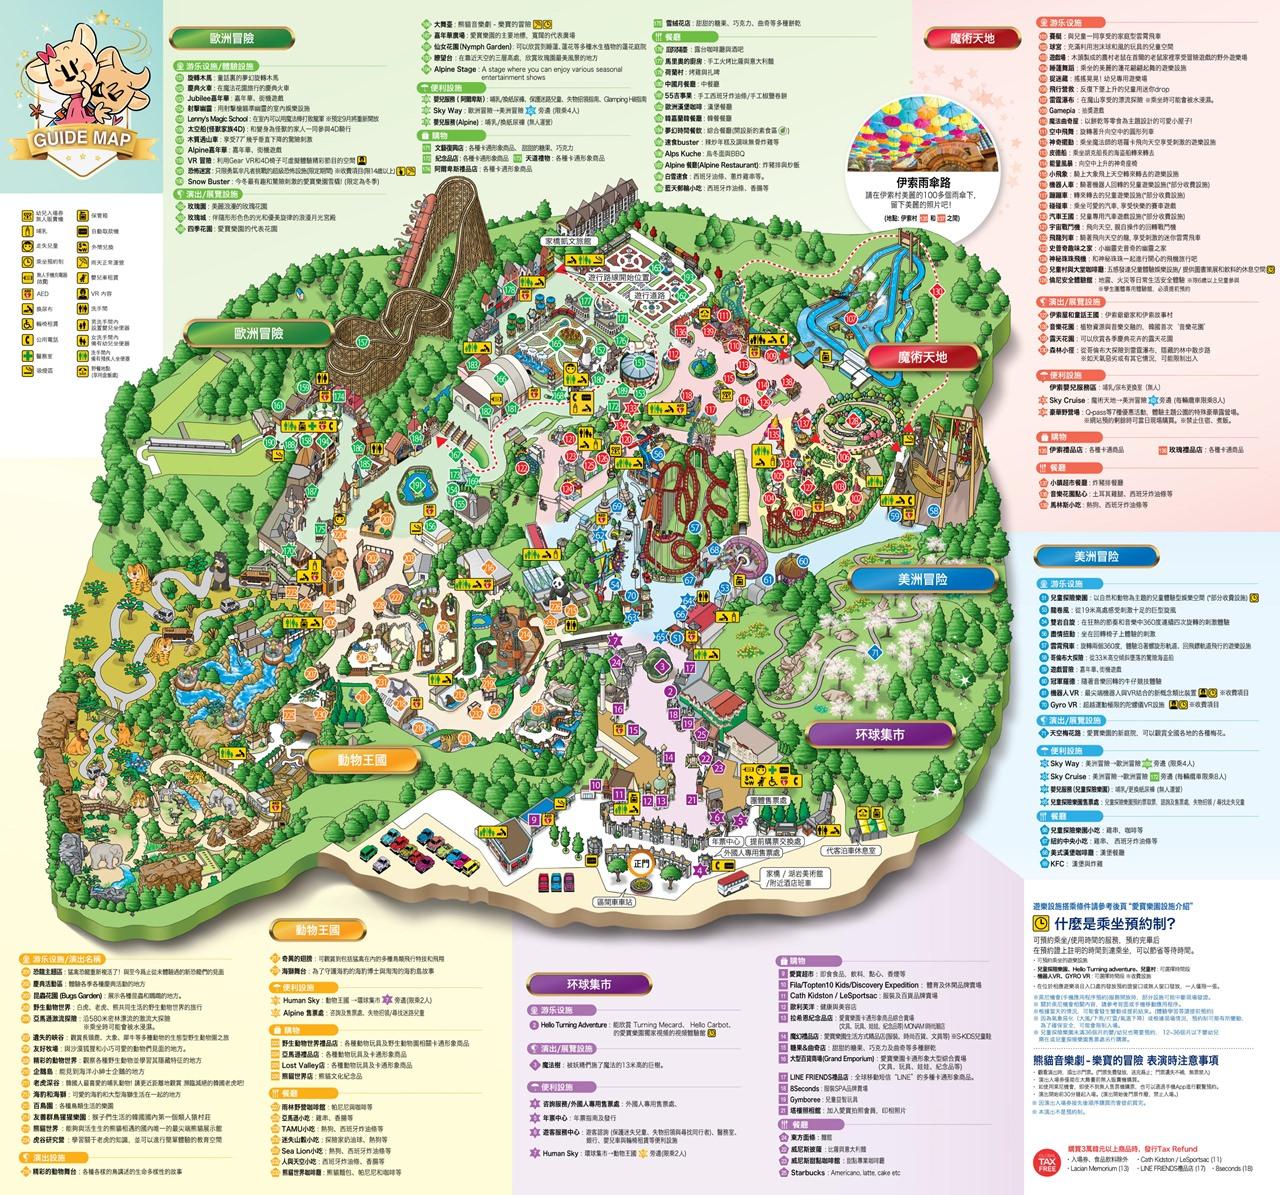 愛寶樂園園區地圖,愛寶樂園地圖